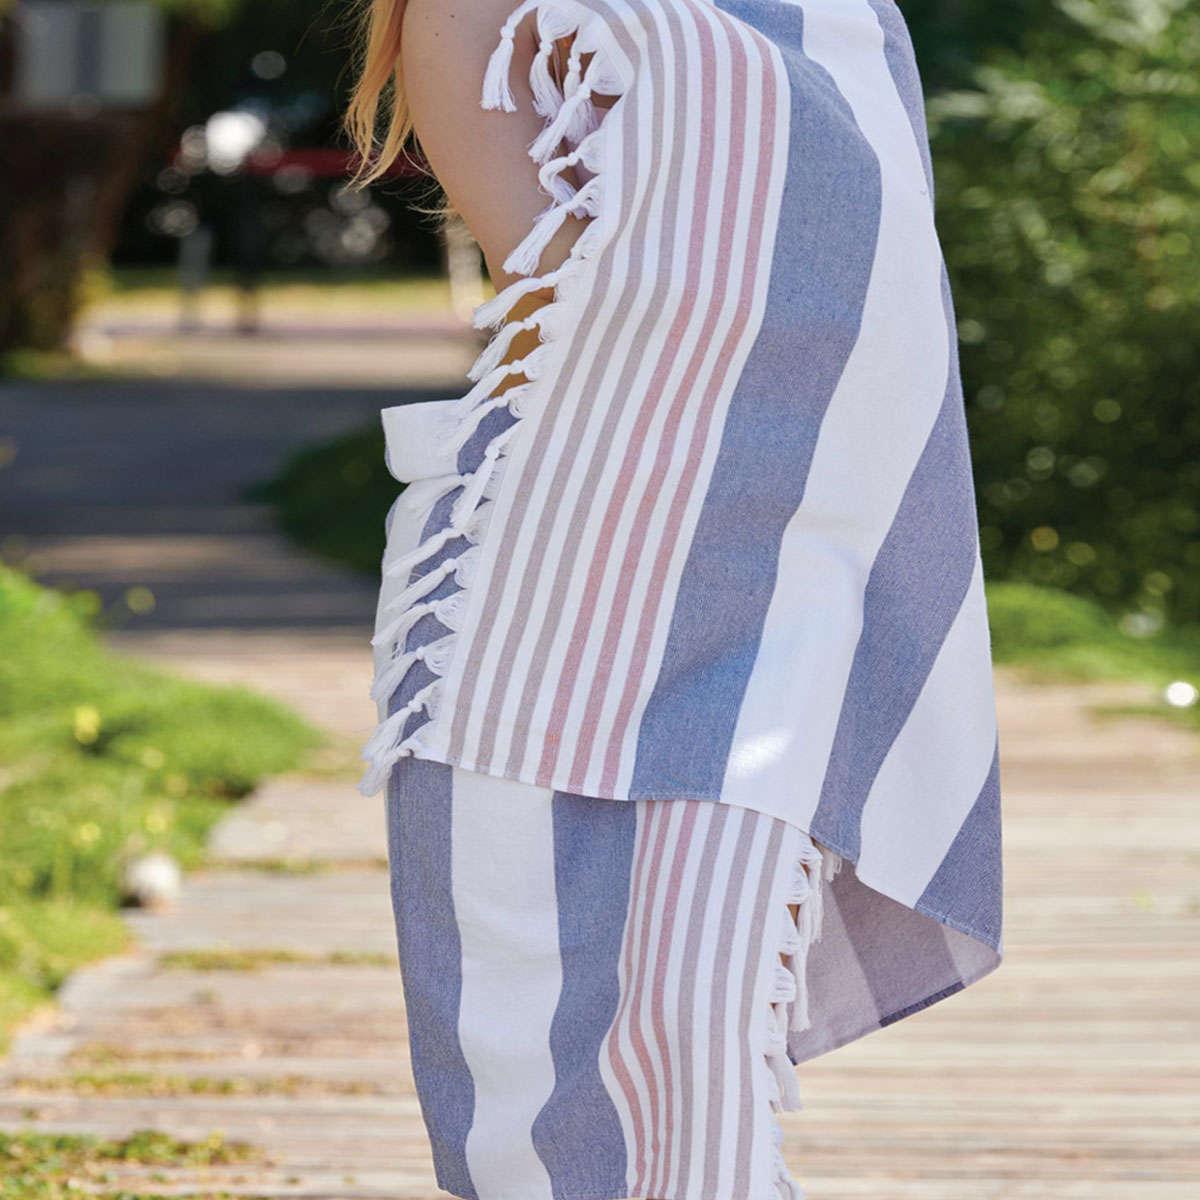 Πετσέτα Θαλάσσης – Παρεό Limnos 01 Blue Kentia Θαλάσσης 90x180cm